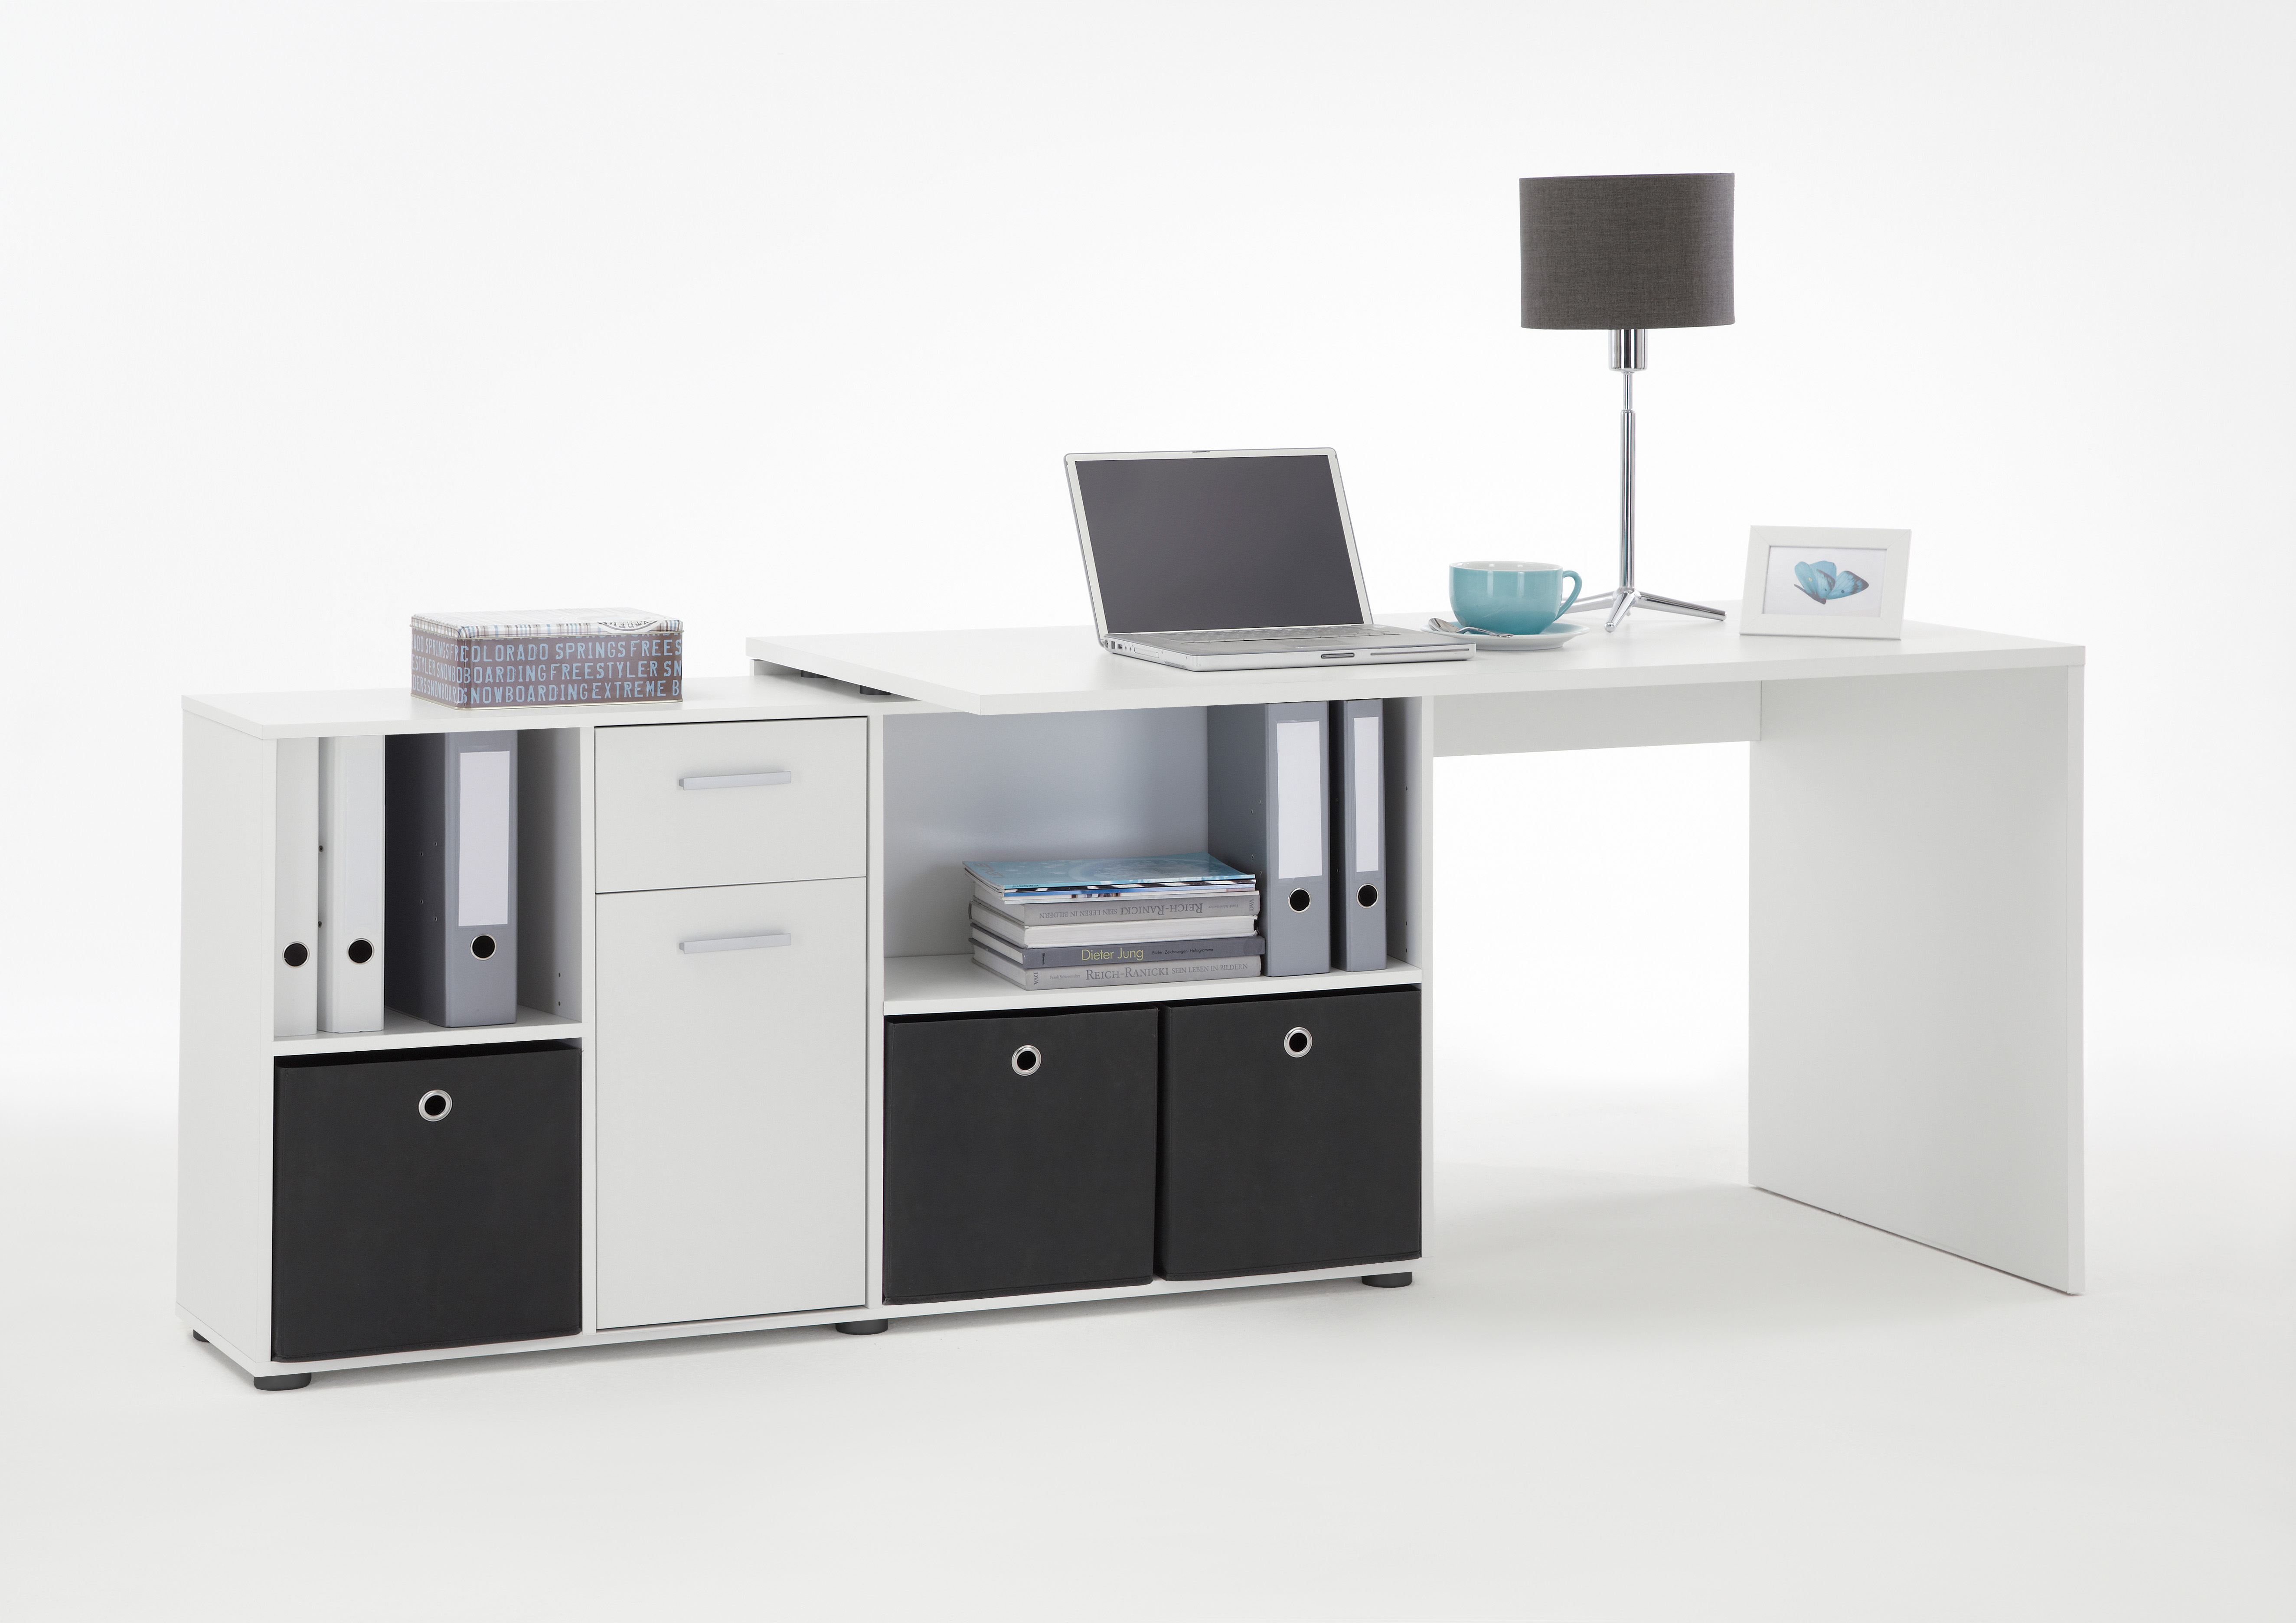 Eckschreibtisch schwarz weiß  Lex Winkelkombi Schreibtisch Weiß FMD Eckschreibtisch